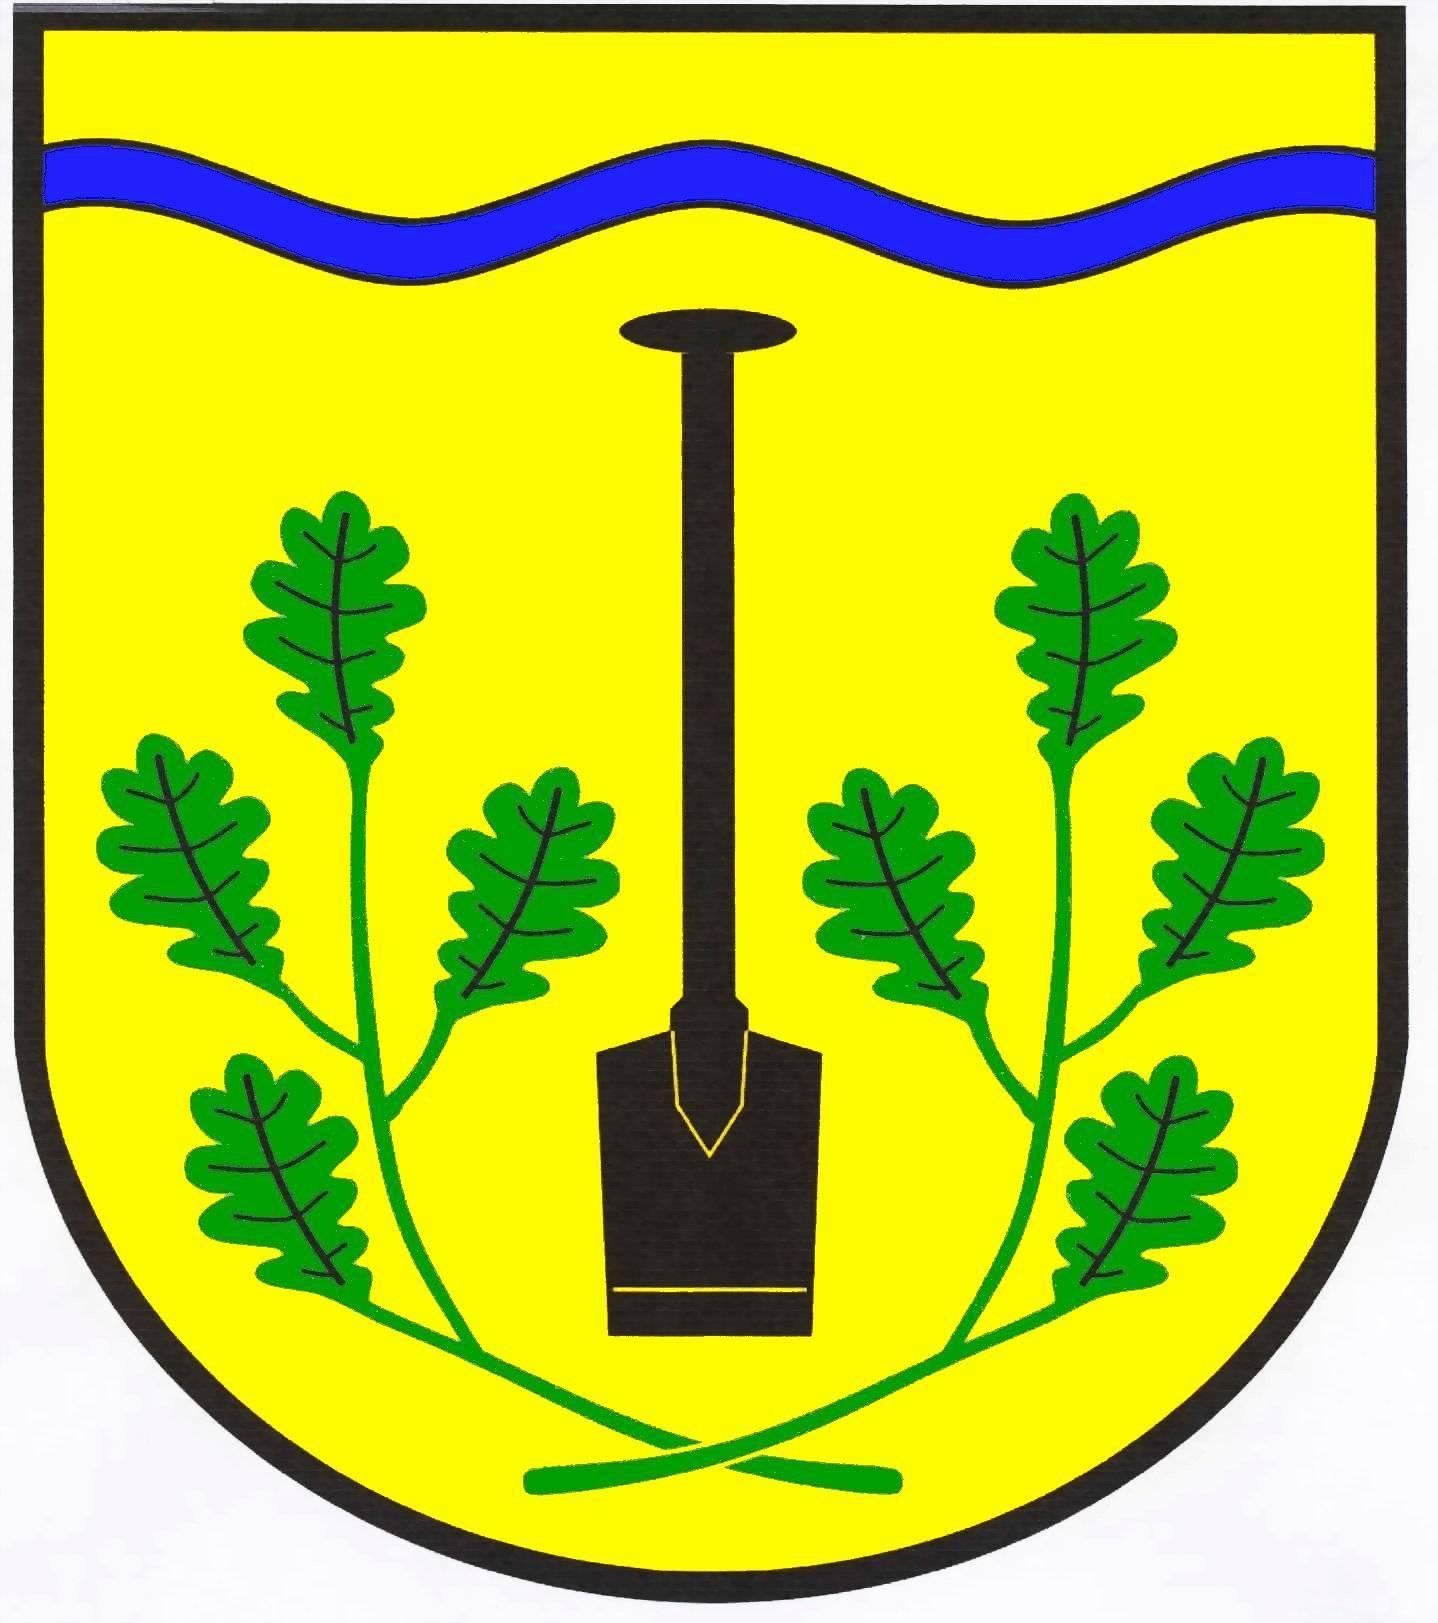 Wappen GemeindeHollingstedt, Kreis Dithmarschen